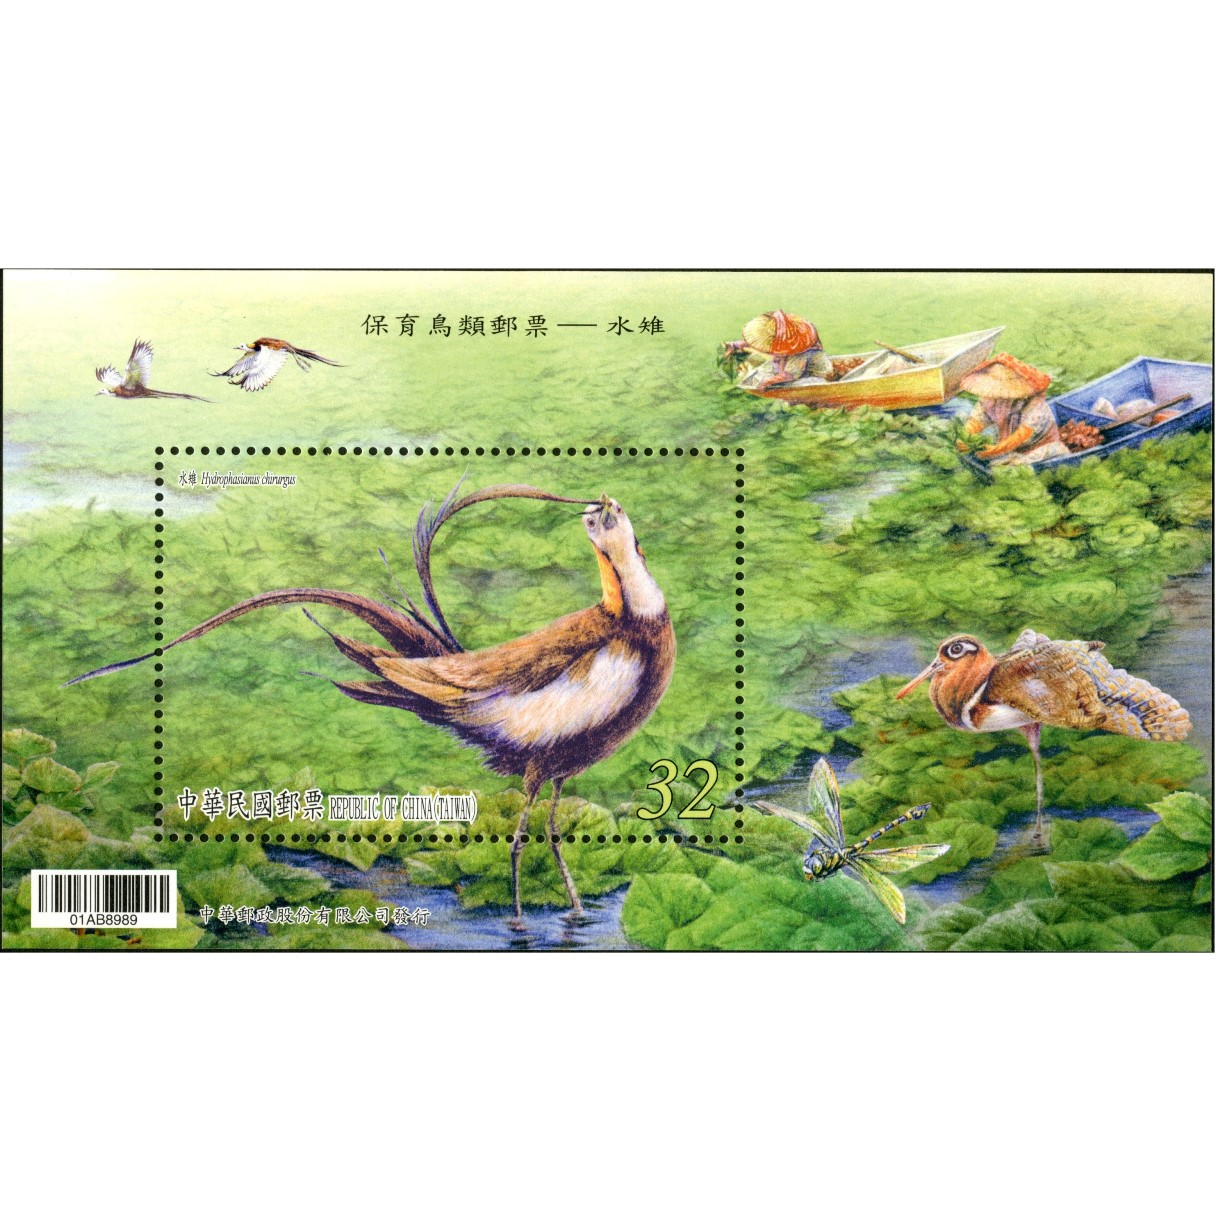 保育鳥類郵票小全張-水雉B款